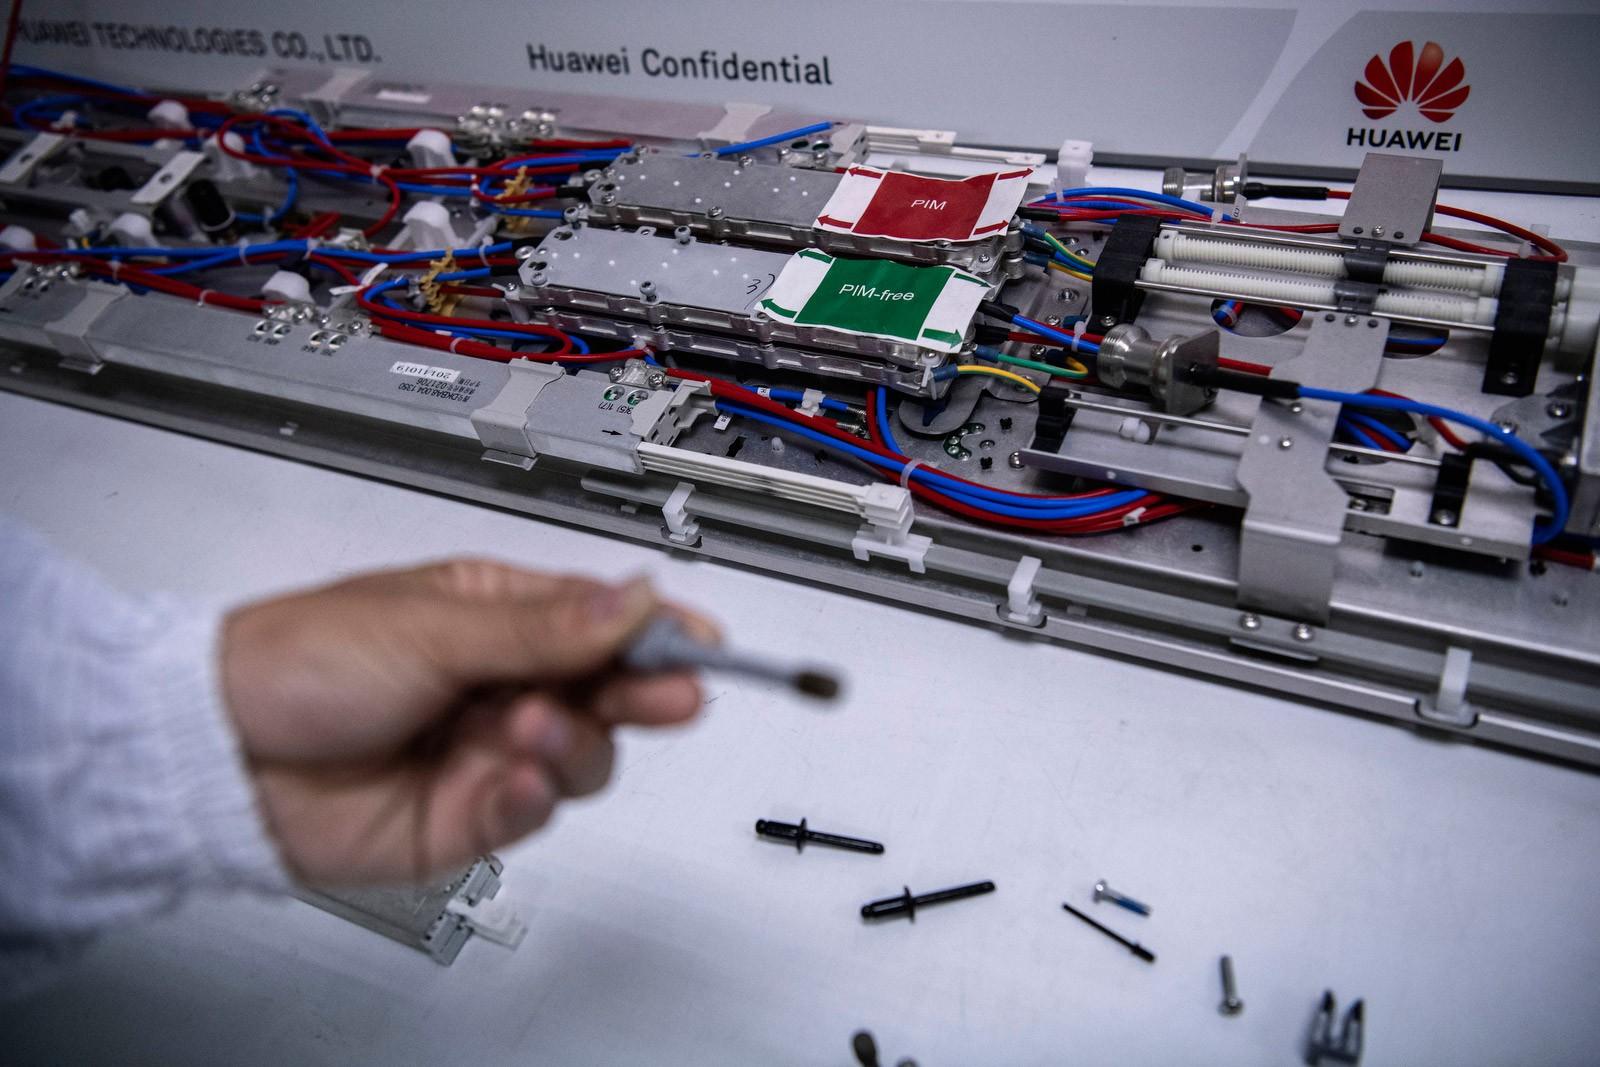 Bên trong Huawei: Đế chế công nghệ bí ẩn của thế giới nhưng là niềm mơ ước của người lao động Trung Quốc - Ảnh 4.